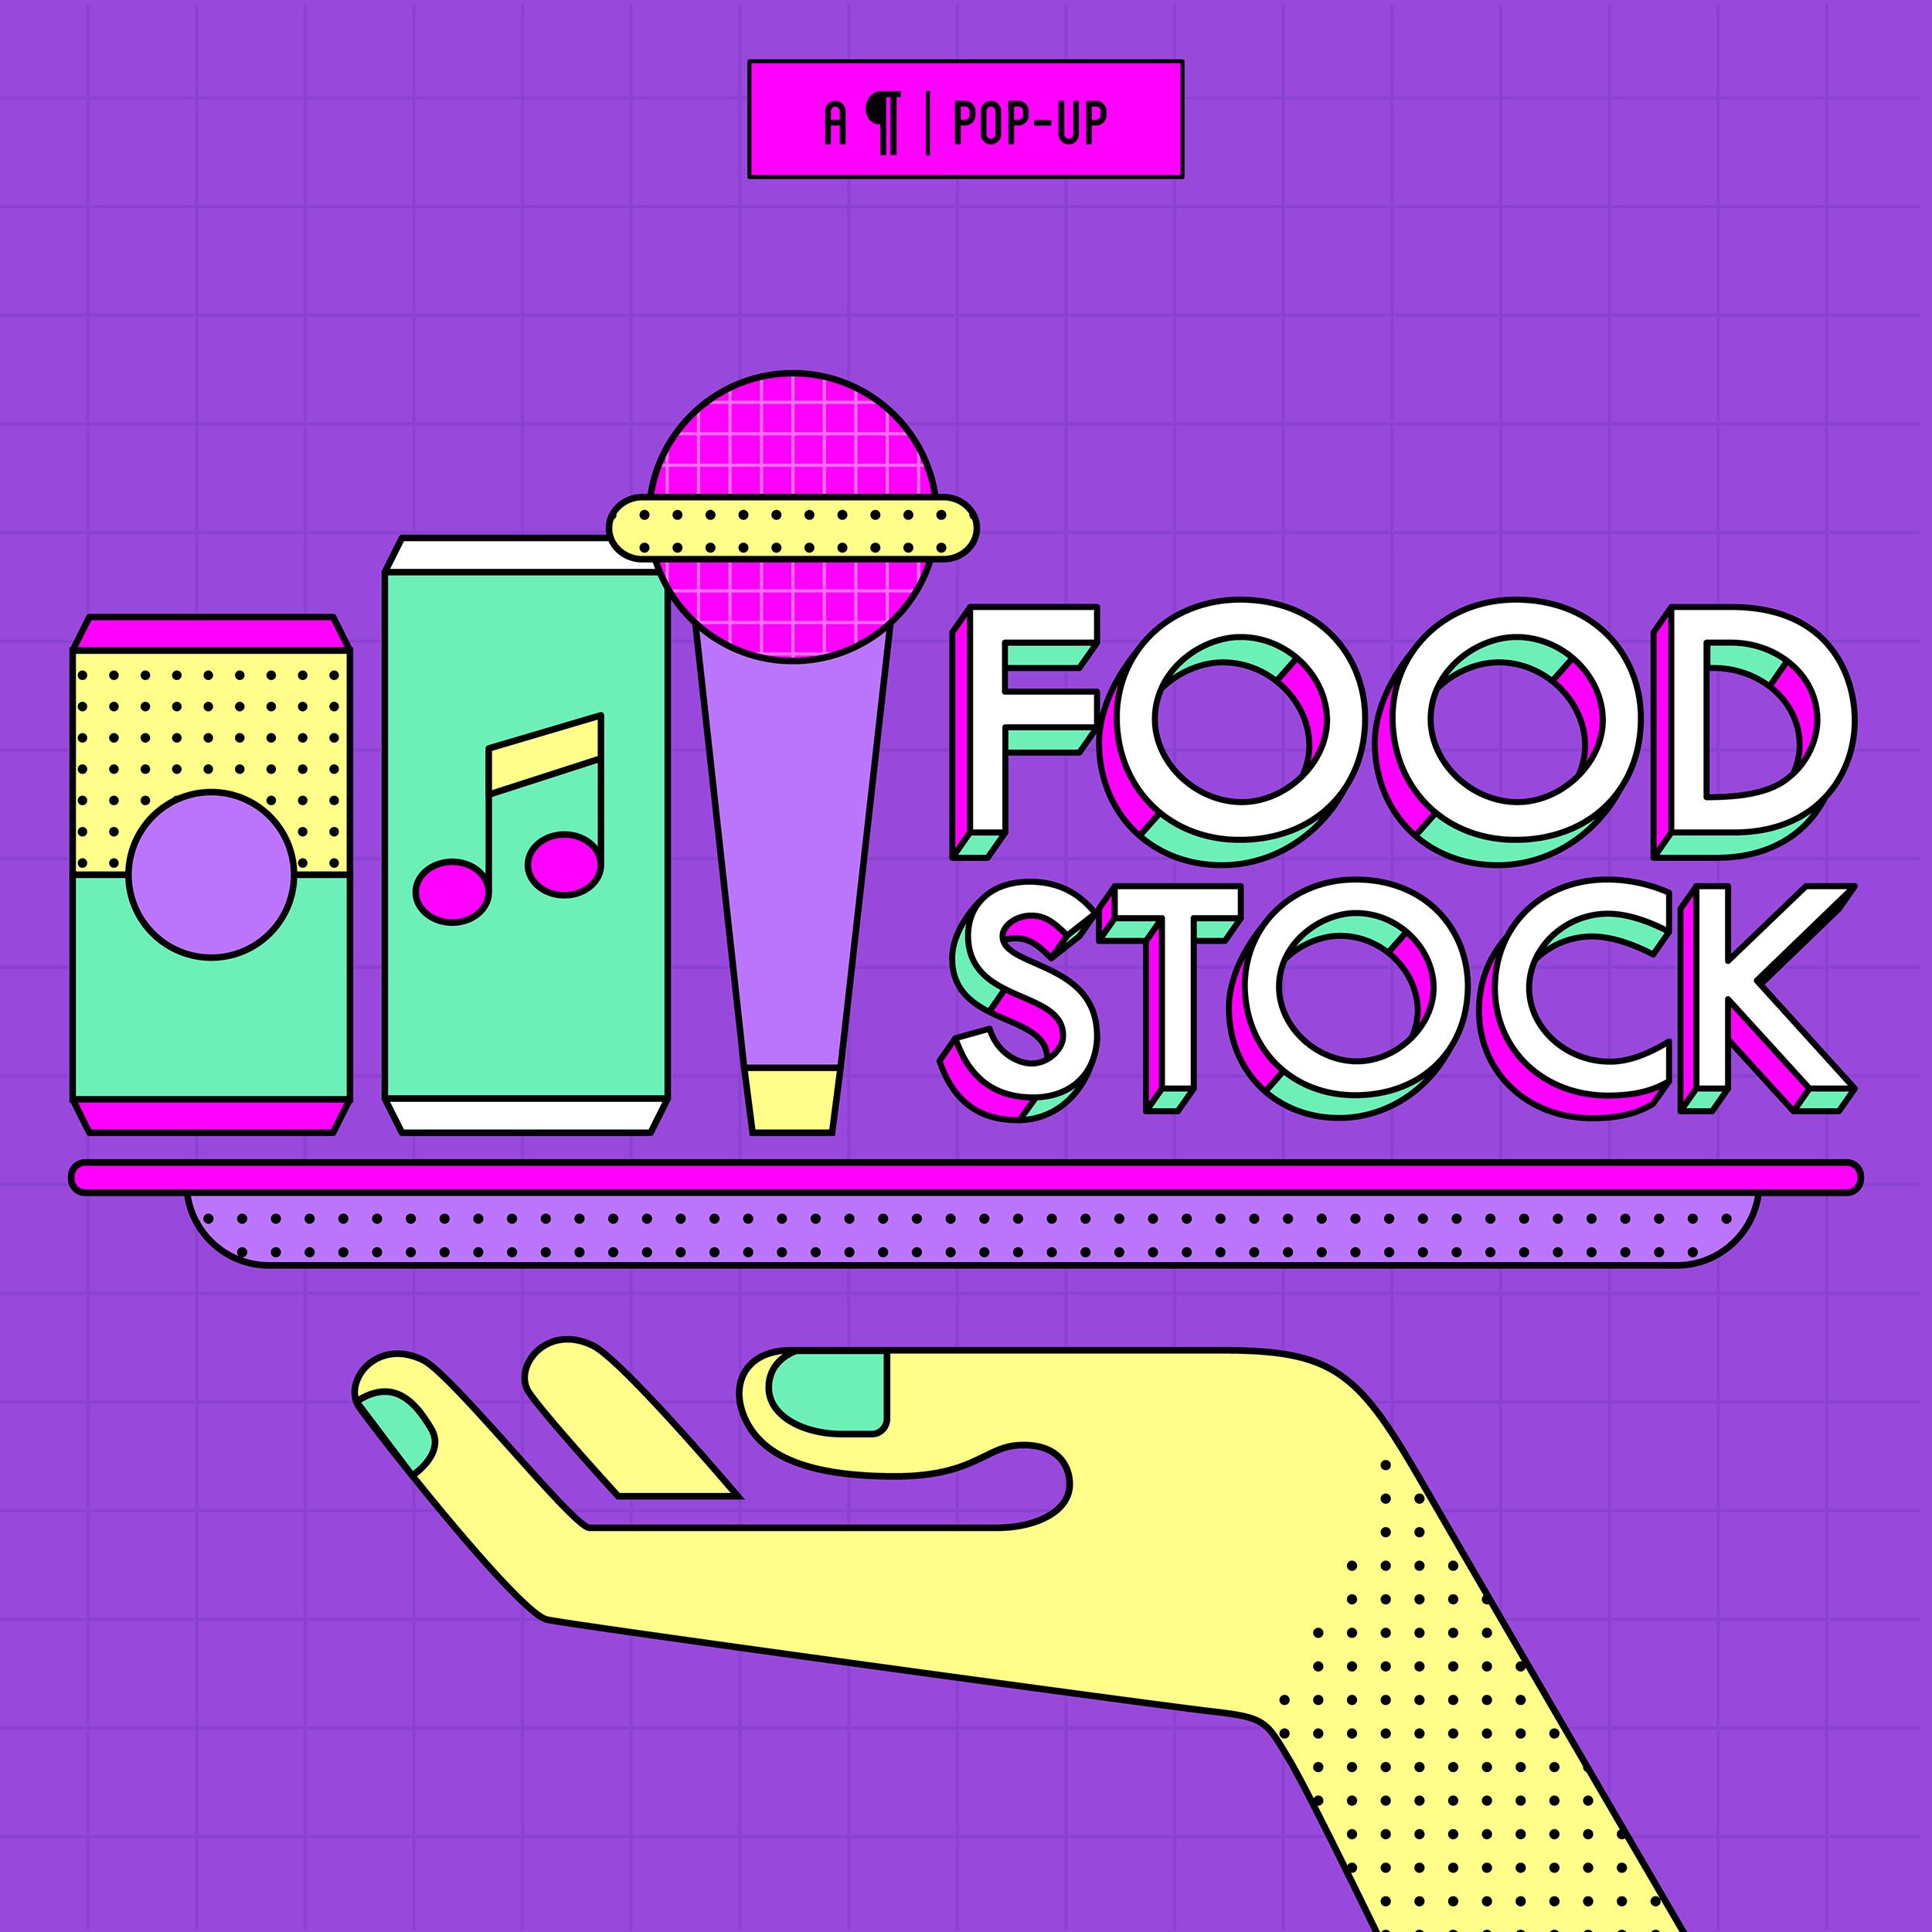 foodstock_7